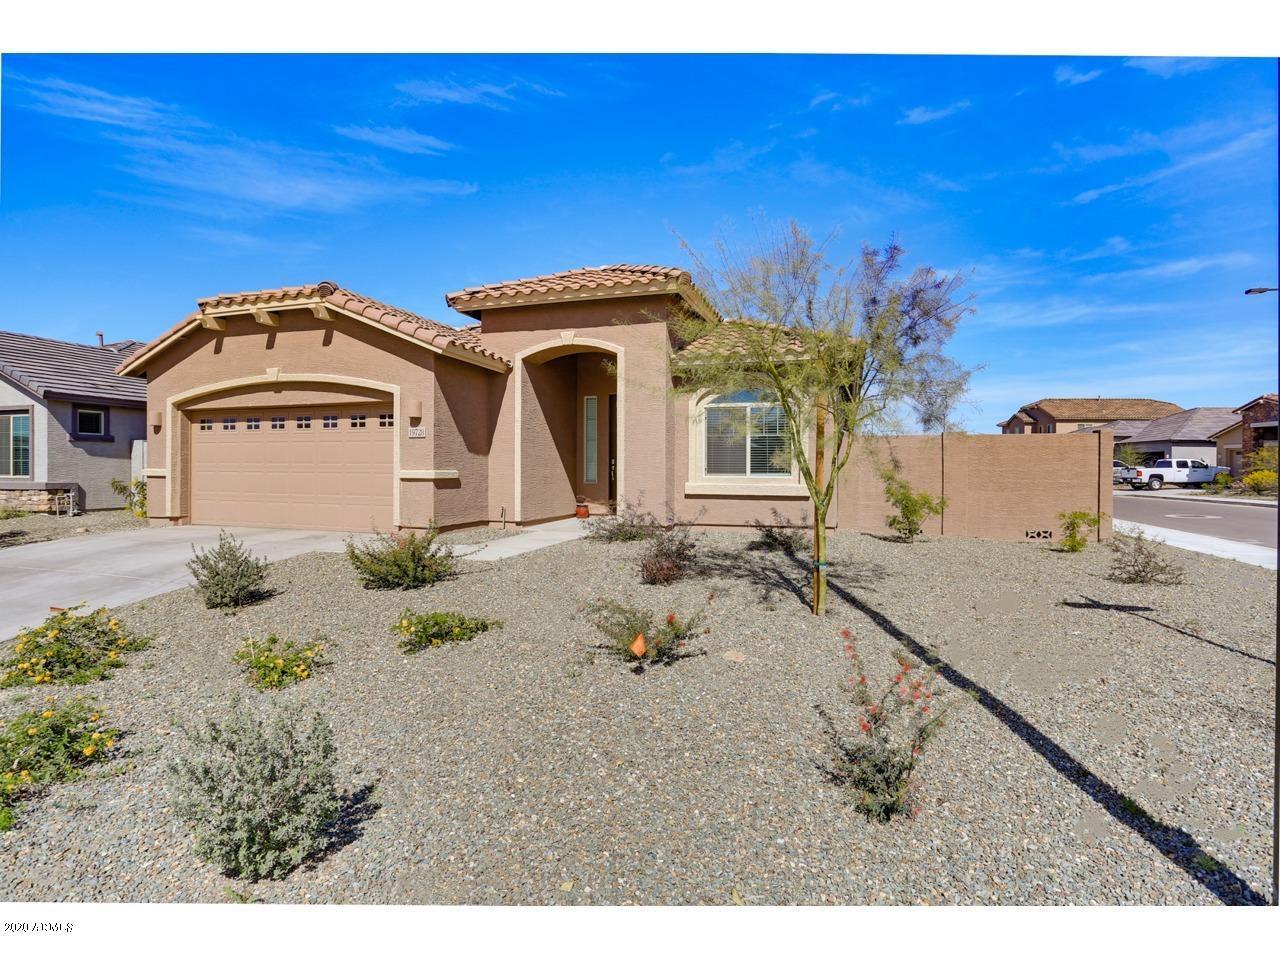 19728 W MADISON Street, Buckeye, Arizona 85326, 4 Bedrooms Bedrooms, ,Residential,For Sale,19728 W MADISON Street,6046682